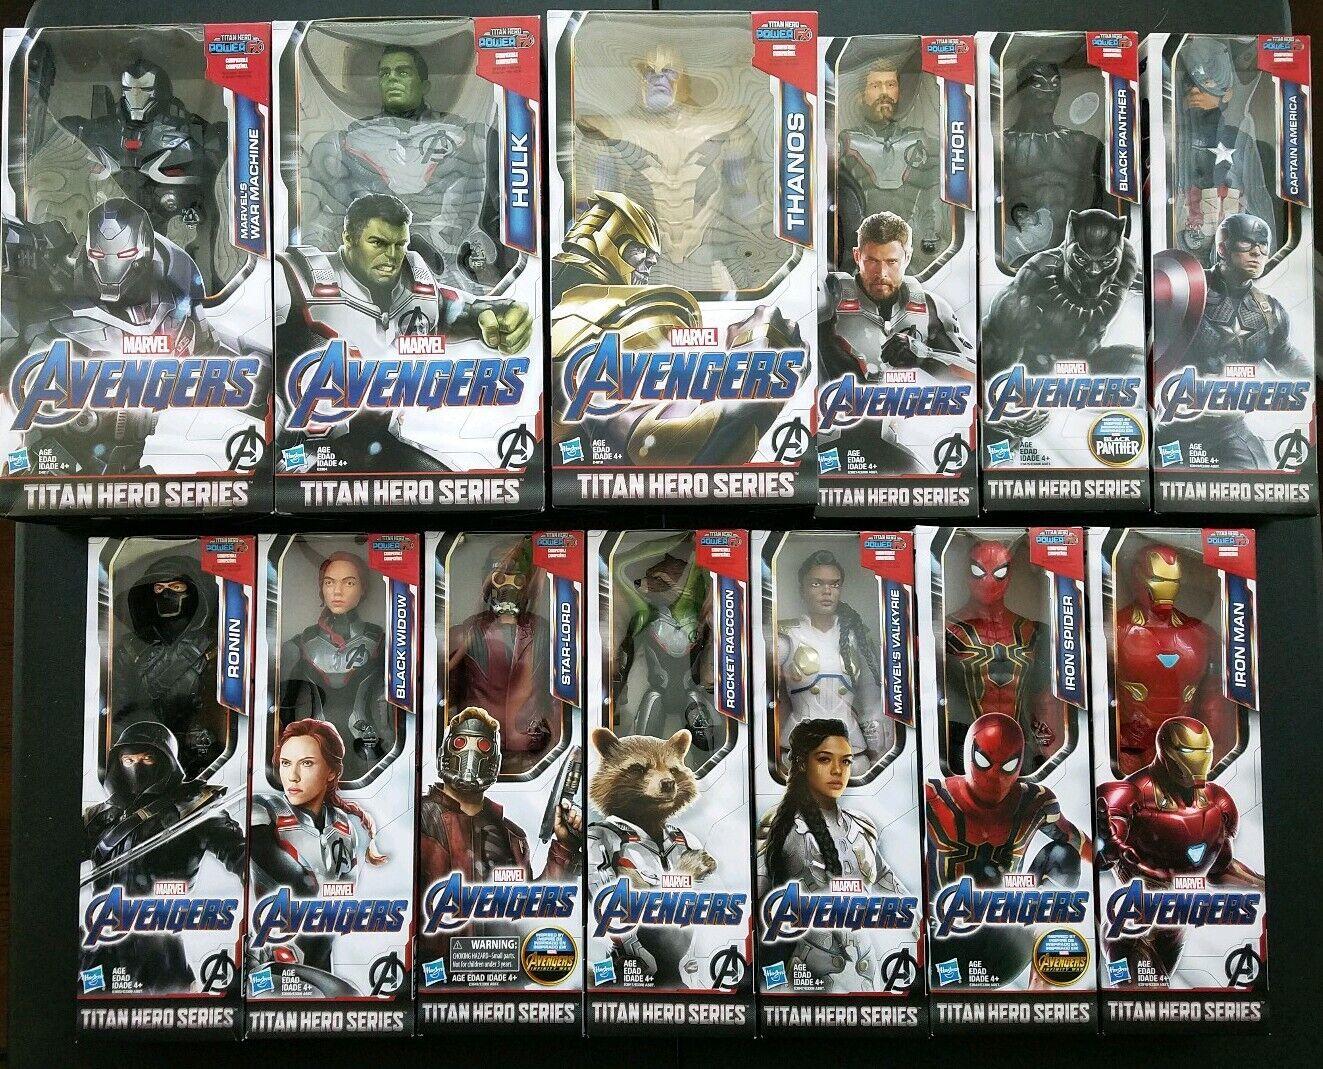 2019 Marvel Avengers EndGame Titan Hero Series 12  Action Figures Full Set of 13